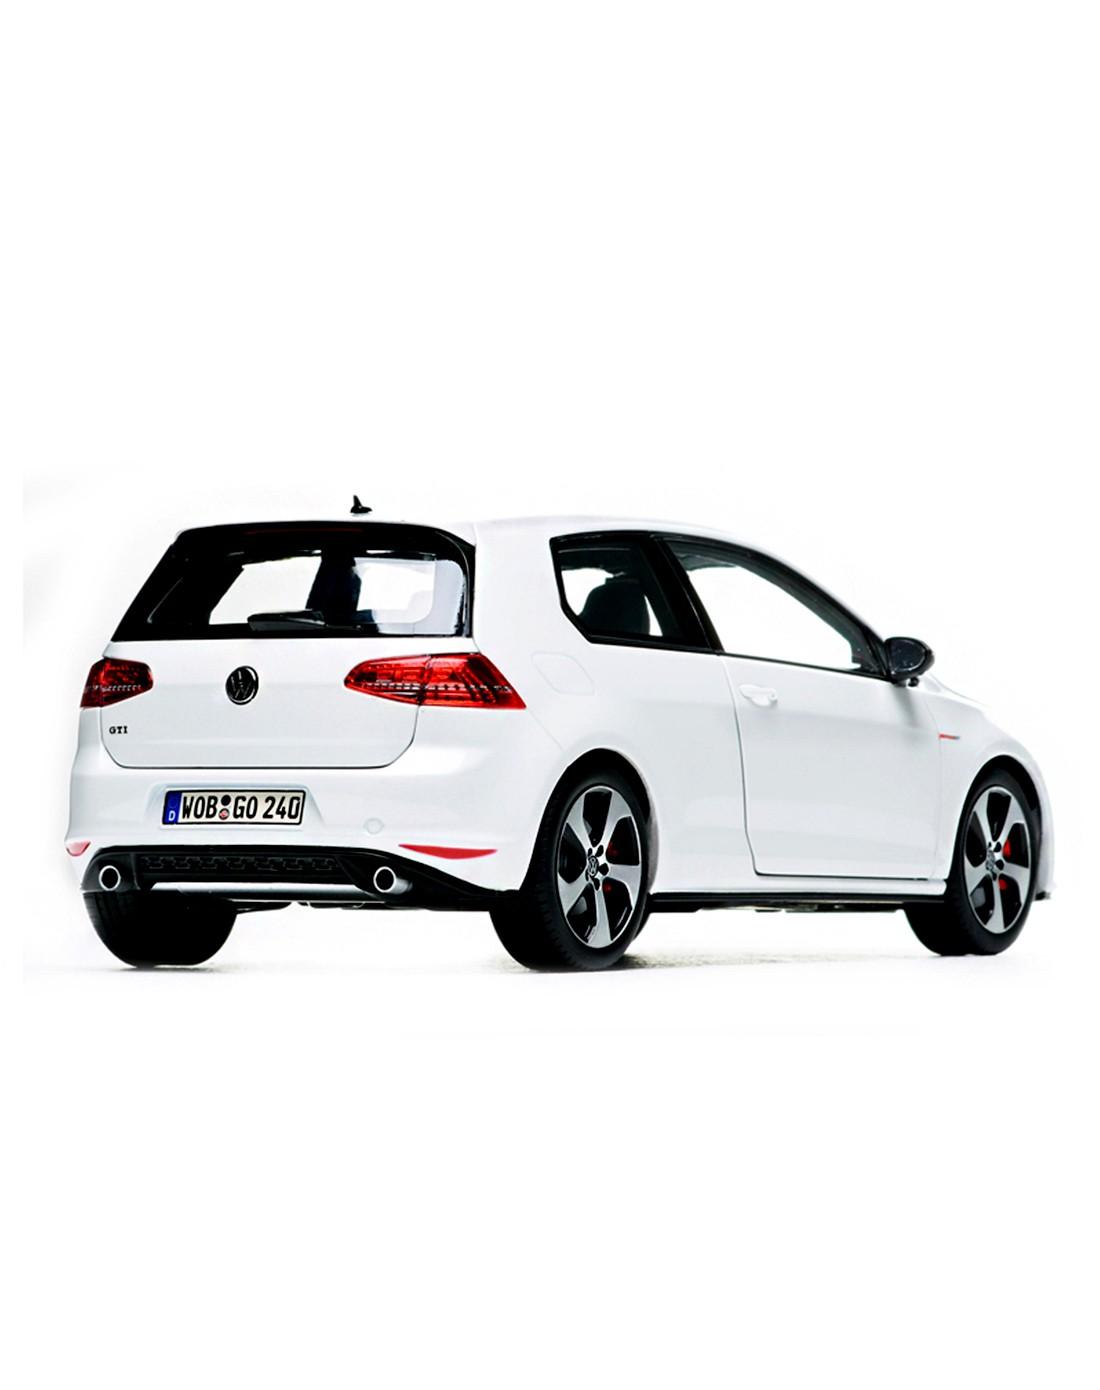 大众汽车golf-gti 高尔夫白色轿车车模 1:18